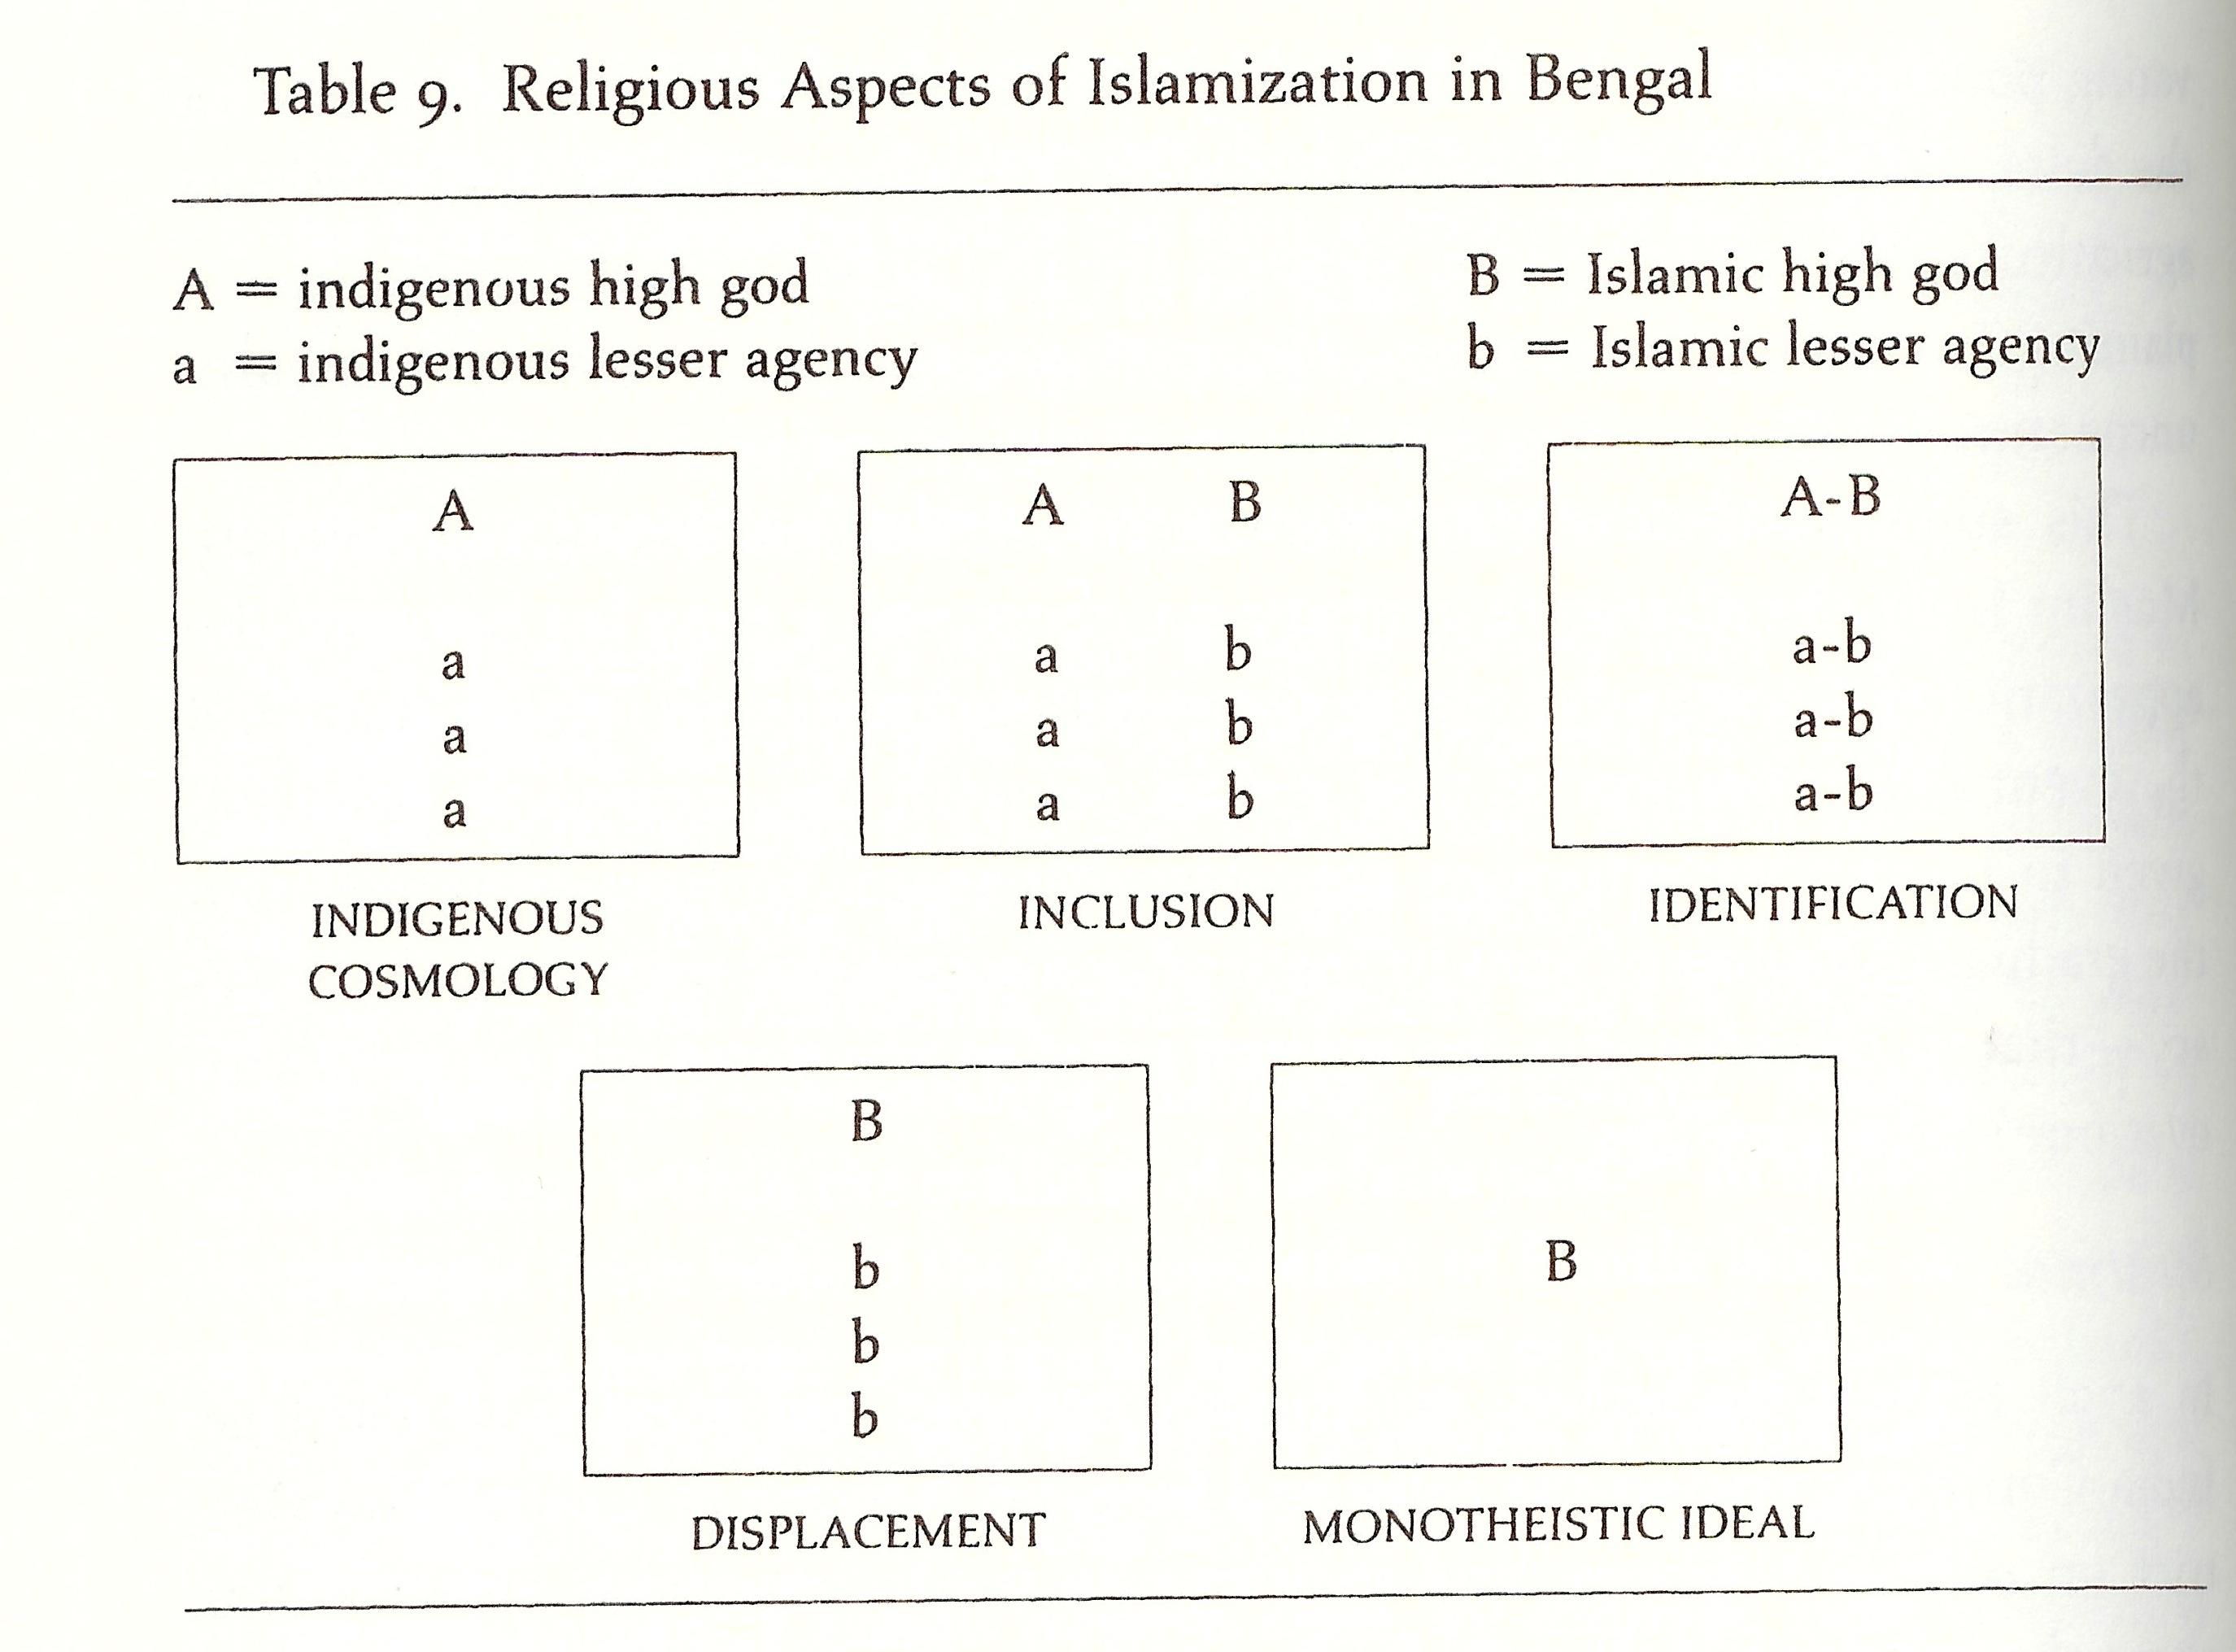 bengali final8 3